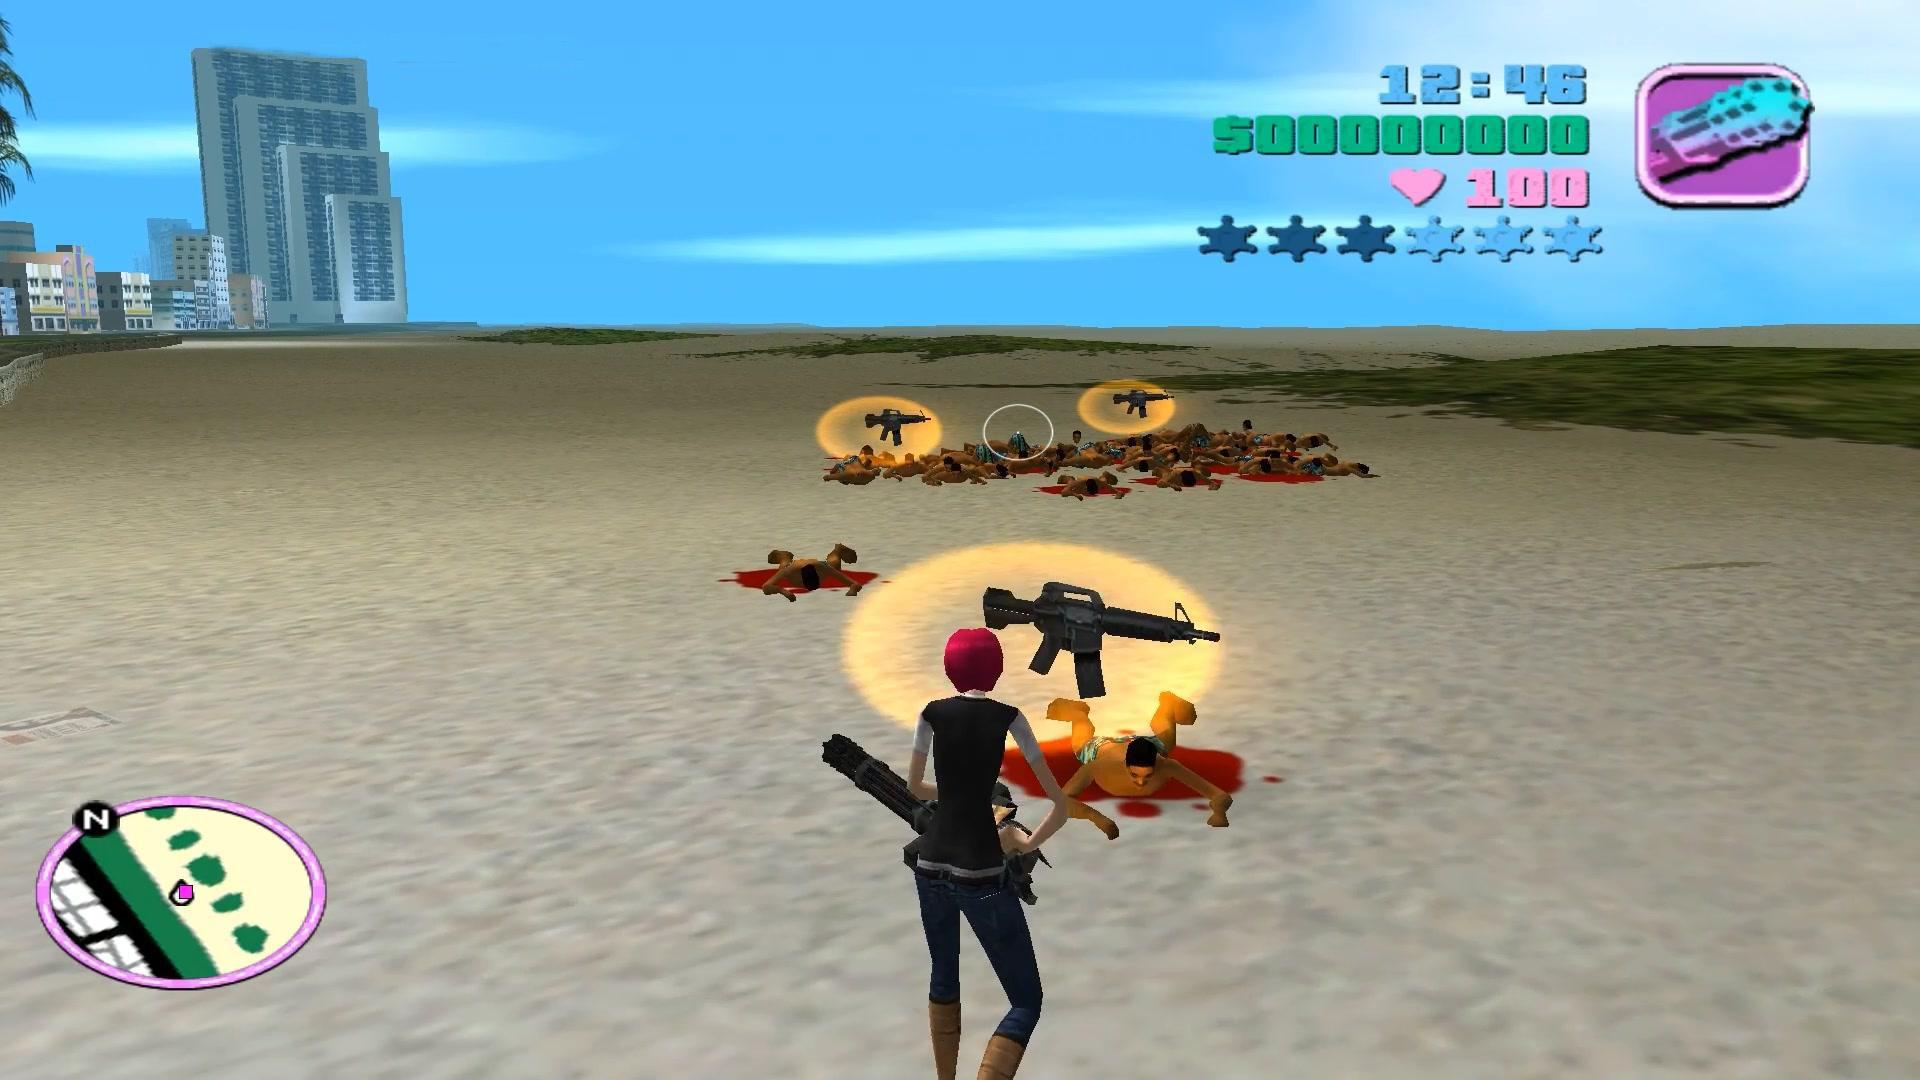 你如何看待游戏中暴力表现对现实的影响?